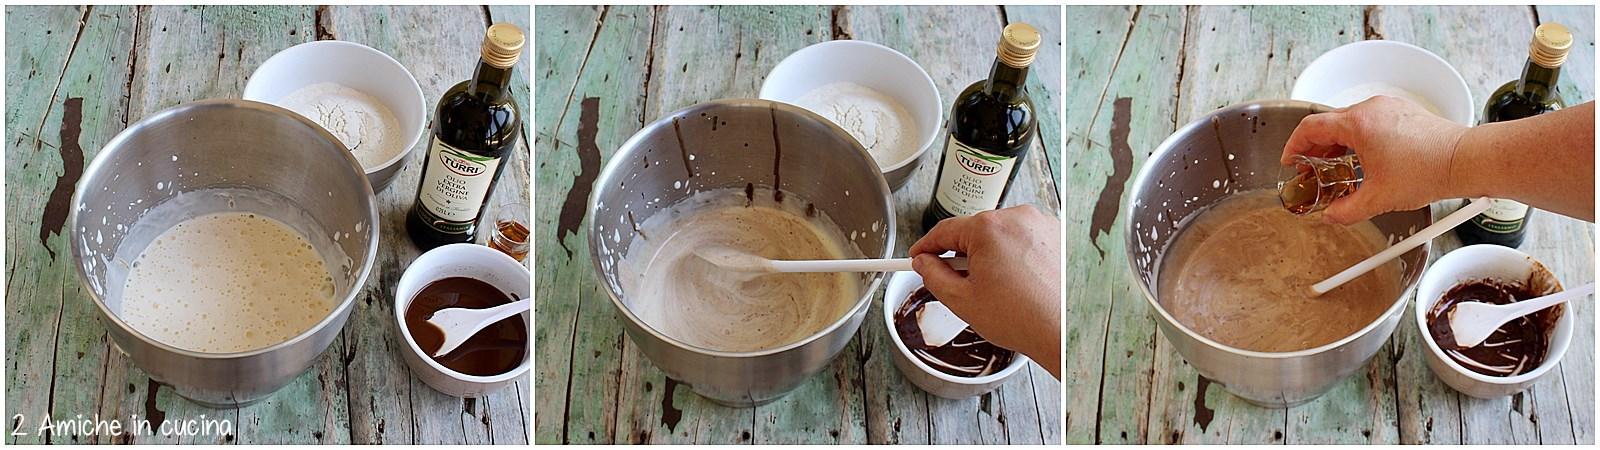 Passo passo per preparare il plumcake all'olio extra vergine di oliva e cioccolato